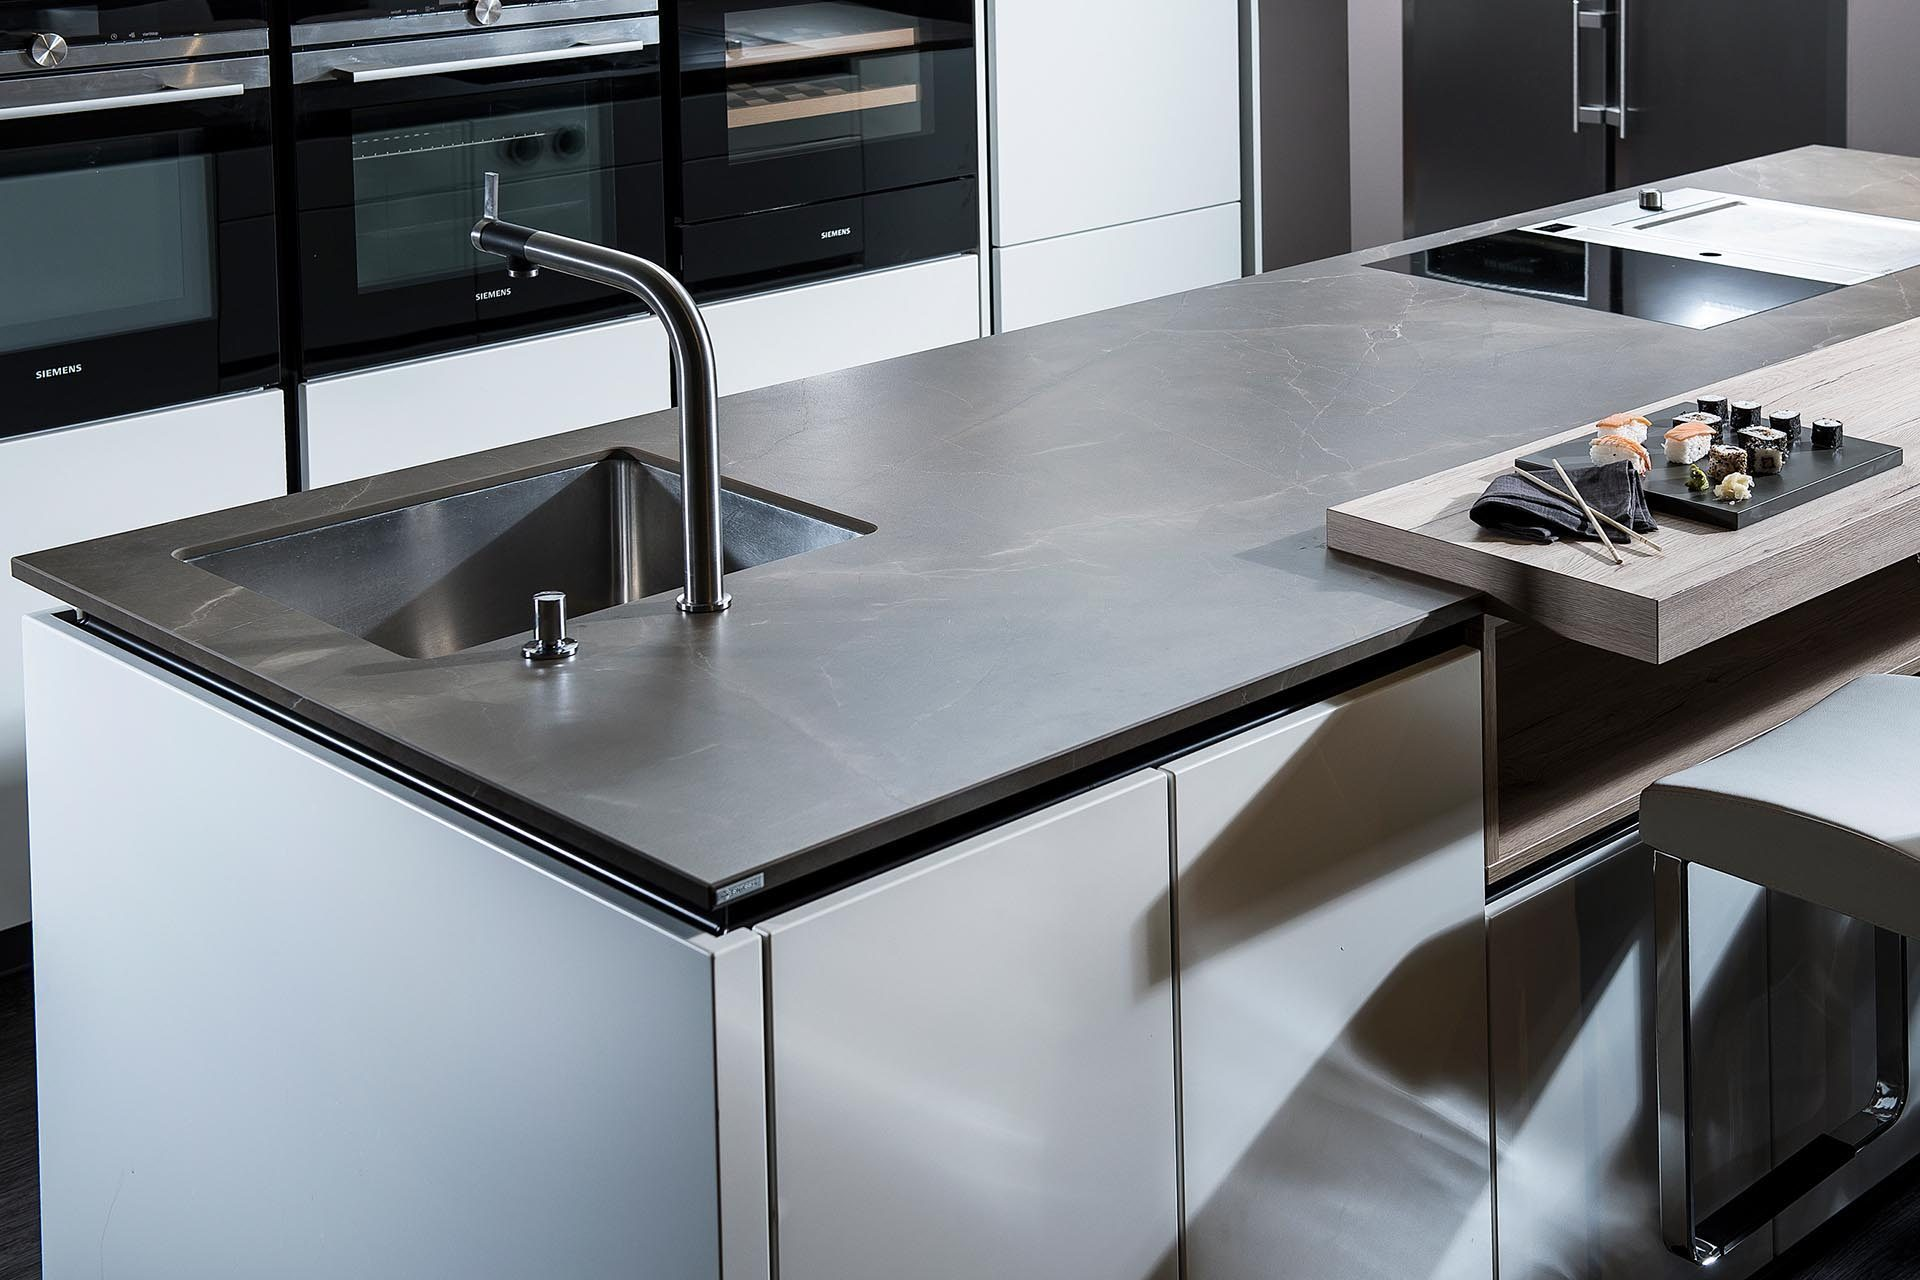 Full Size of Arbeitsplatten Küche Abschlussleisten Preisvergleich Arbeitsplatten Küche Farbige Arbeitsplatten Küche Geflieste Arbeitsplatten Küche Küche Arbeitsplatten Küche